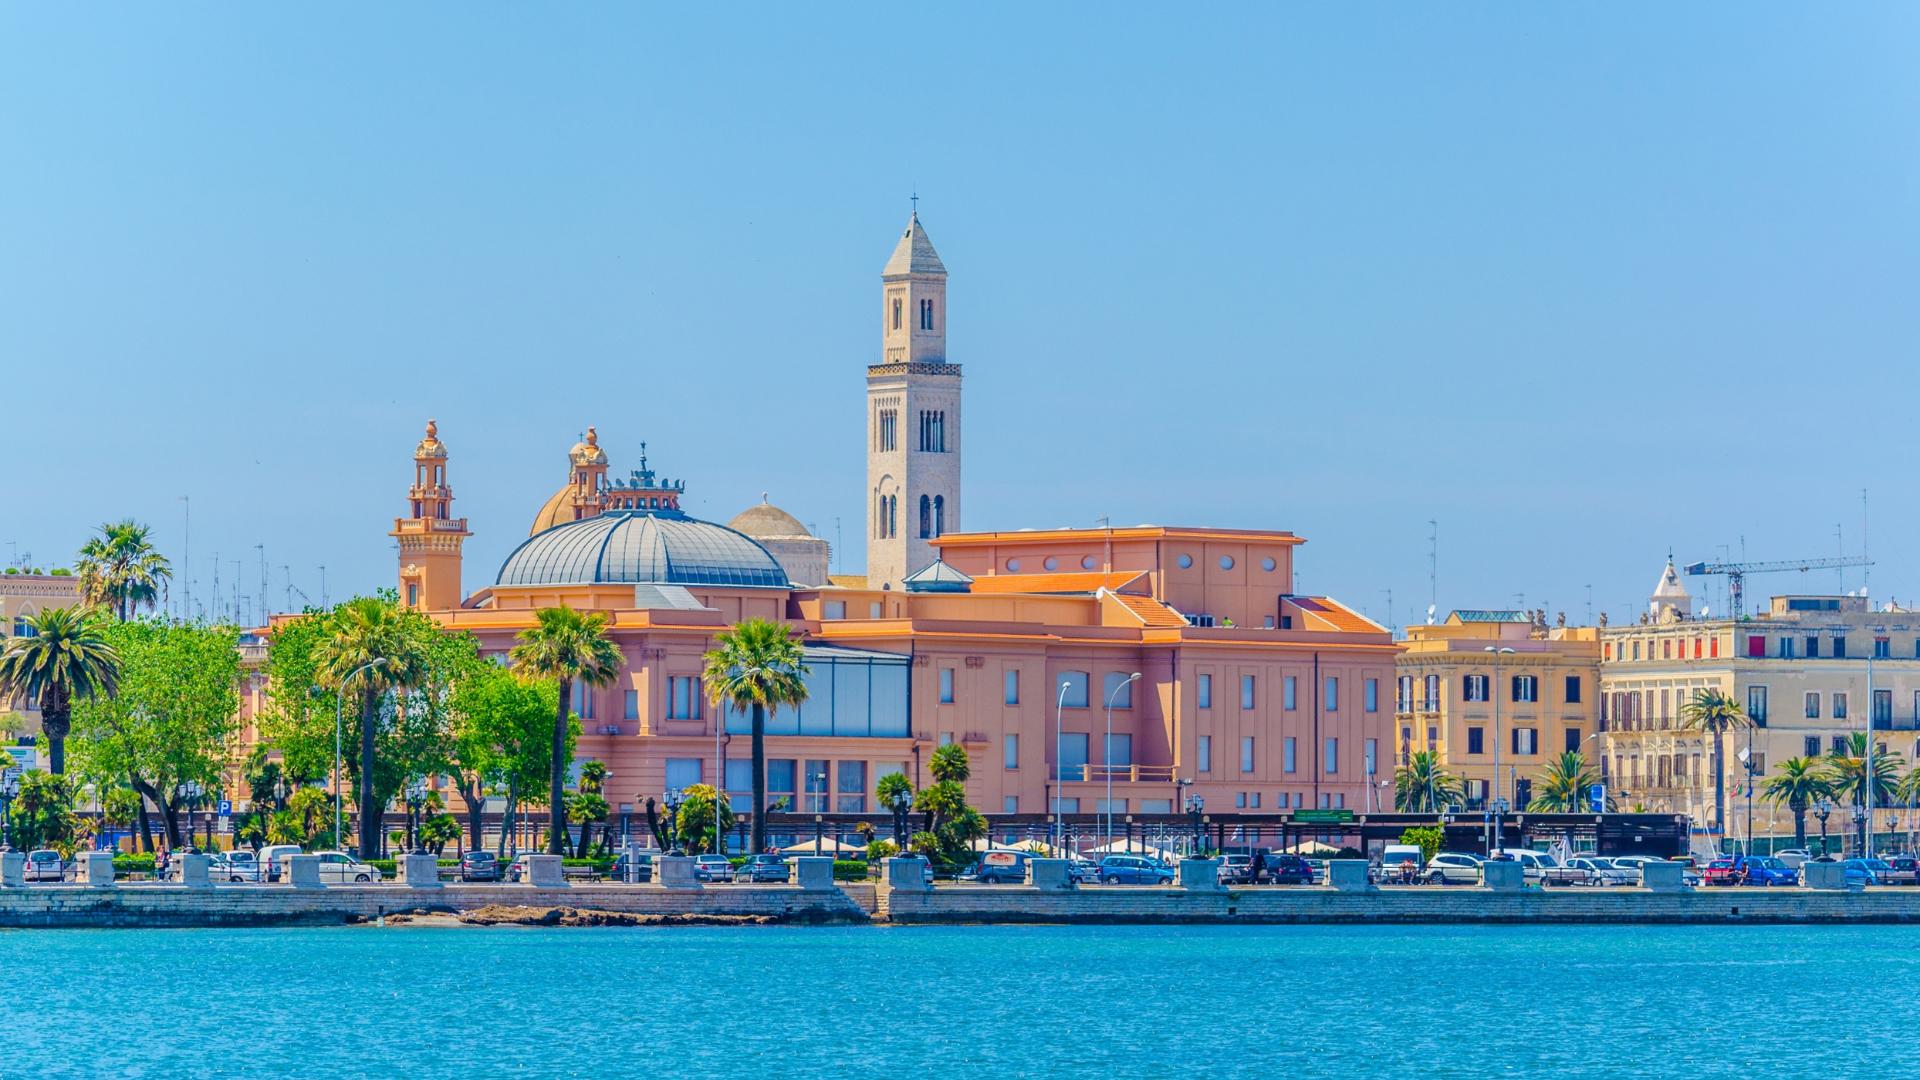 İtalyan Filmlerinden Fırlamış Bir Kent: Bari